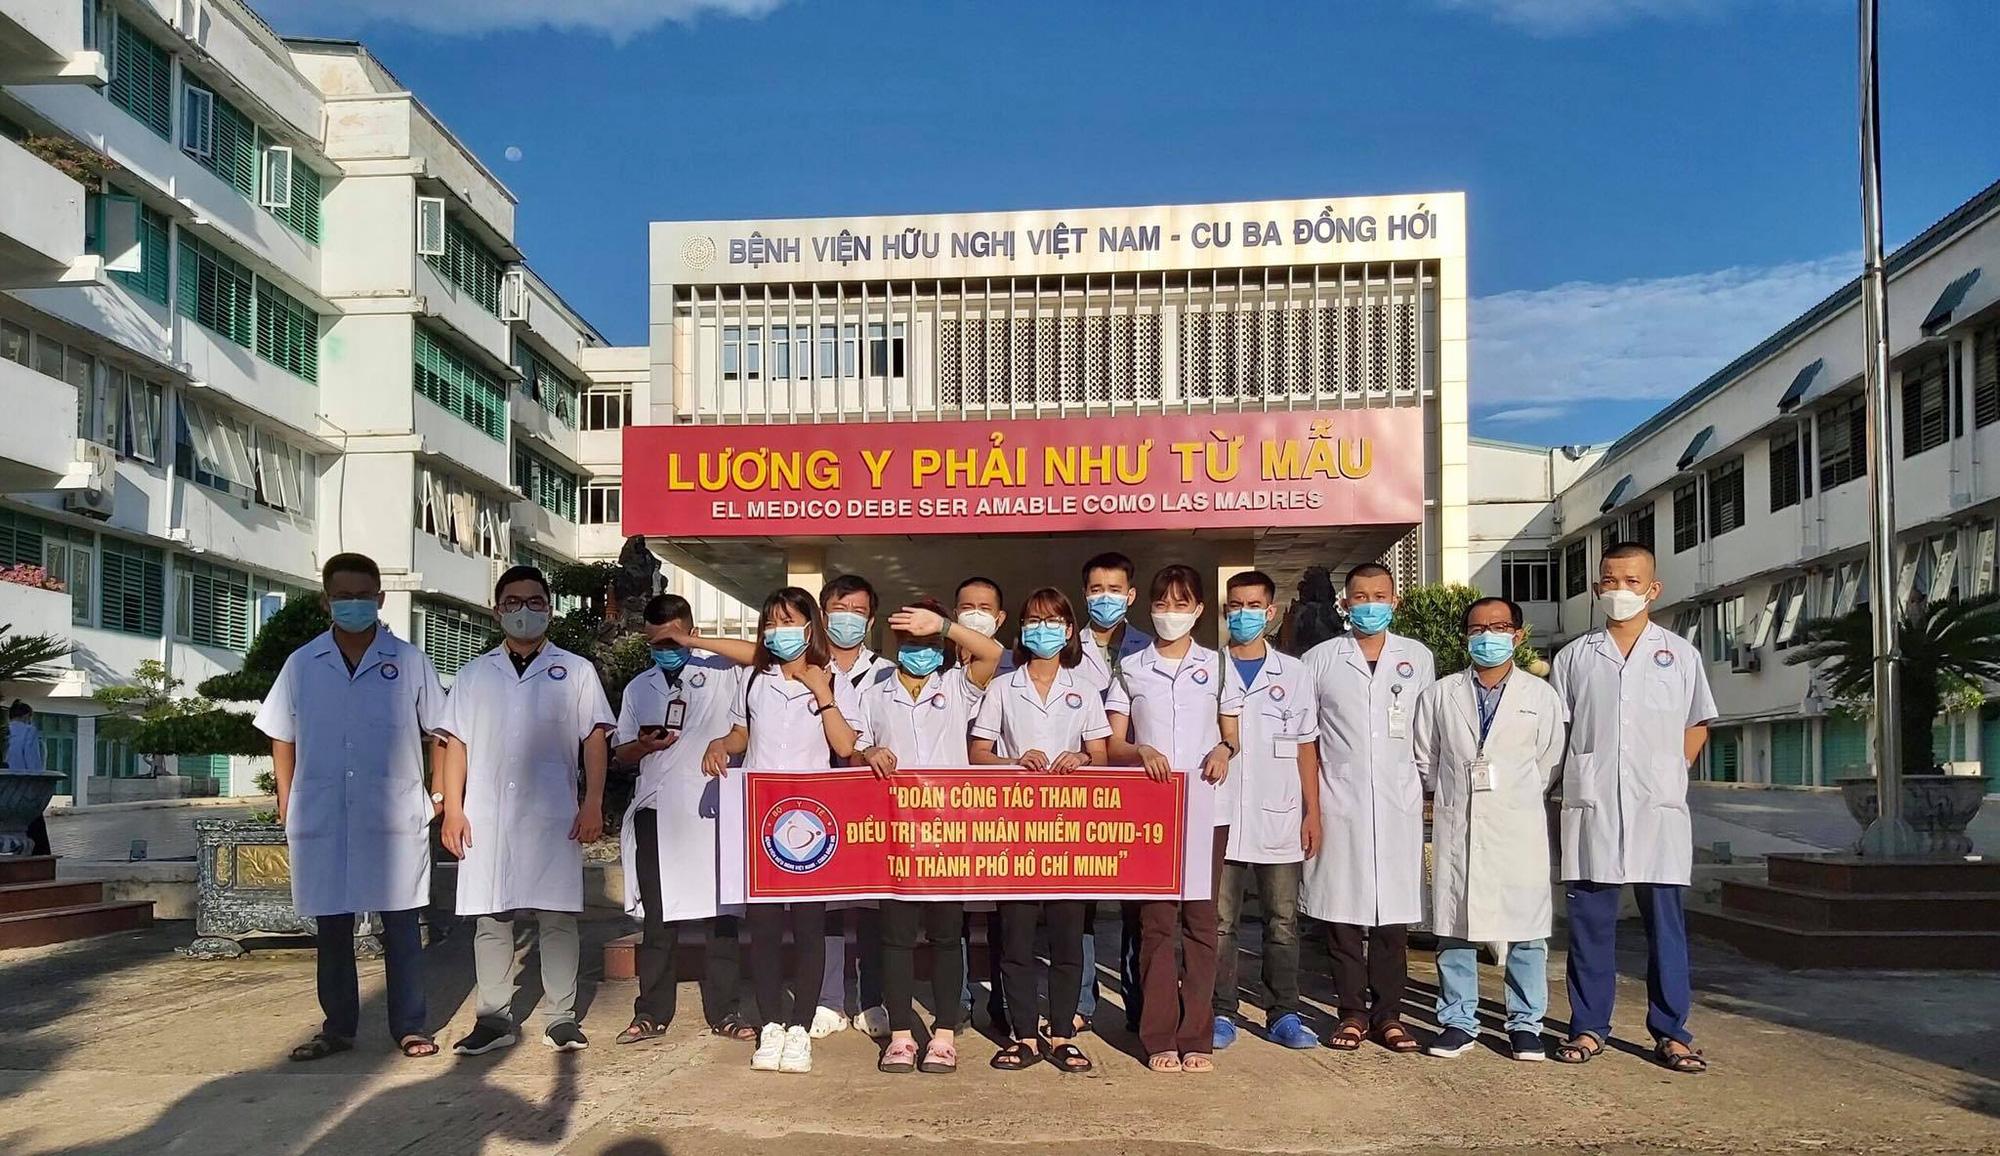 Diễn biến dịch ngày 27/7: Có thêm 1602 người khỏi bệnh, tổng số bệnh nhân khỏi bệnh gần 23.000 người - Ảnh 4.